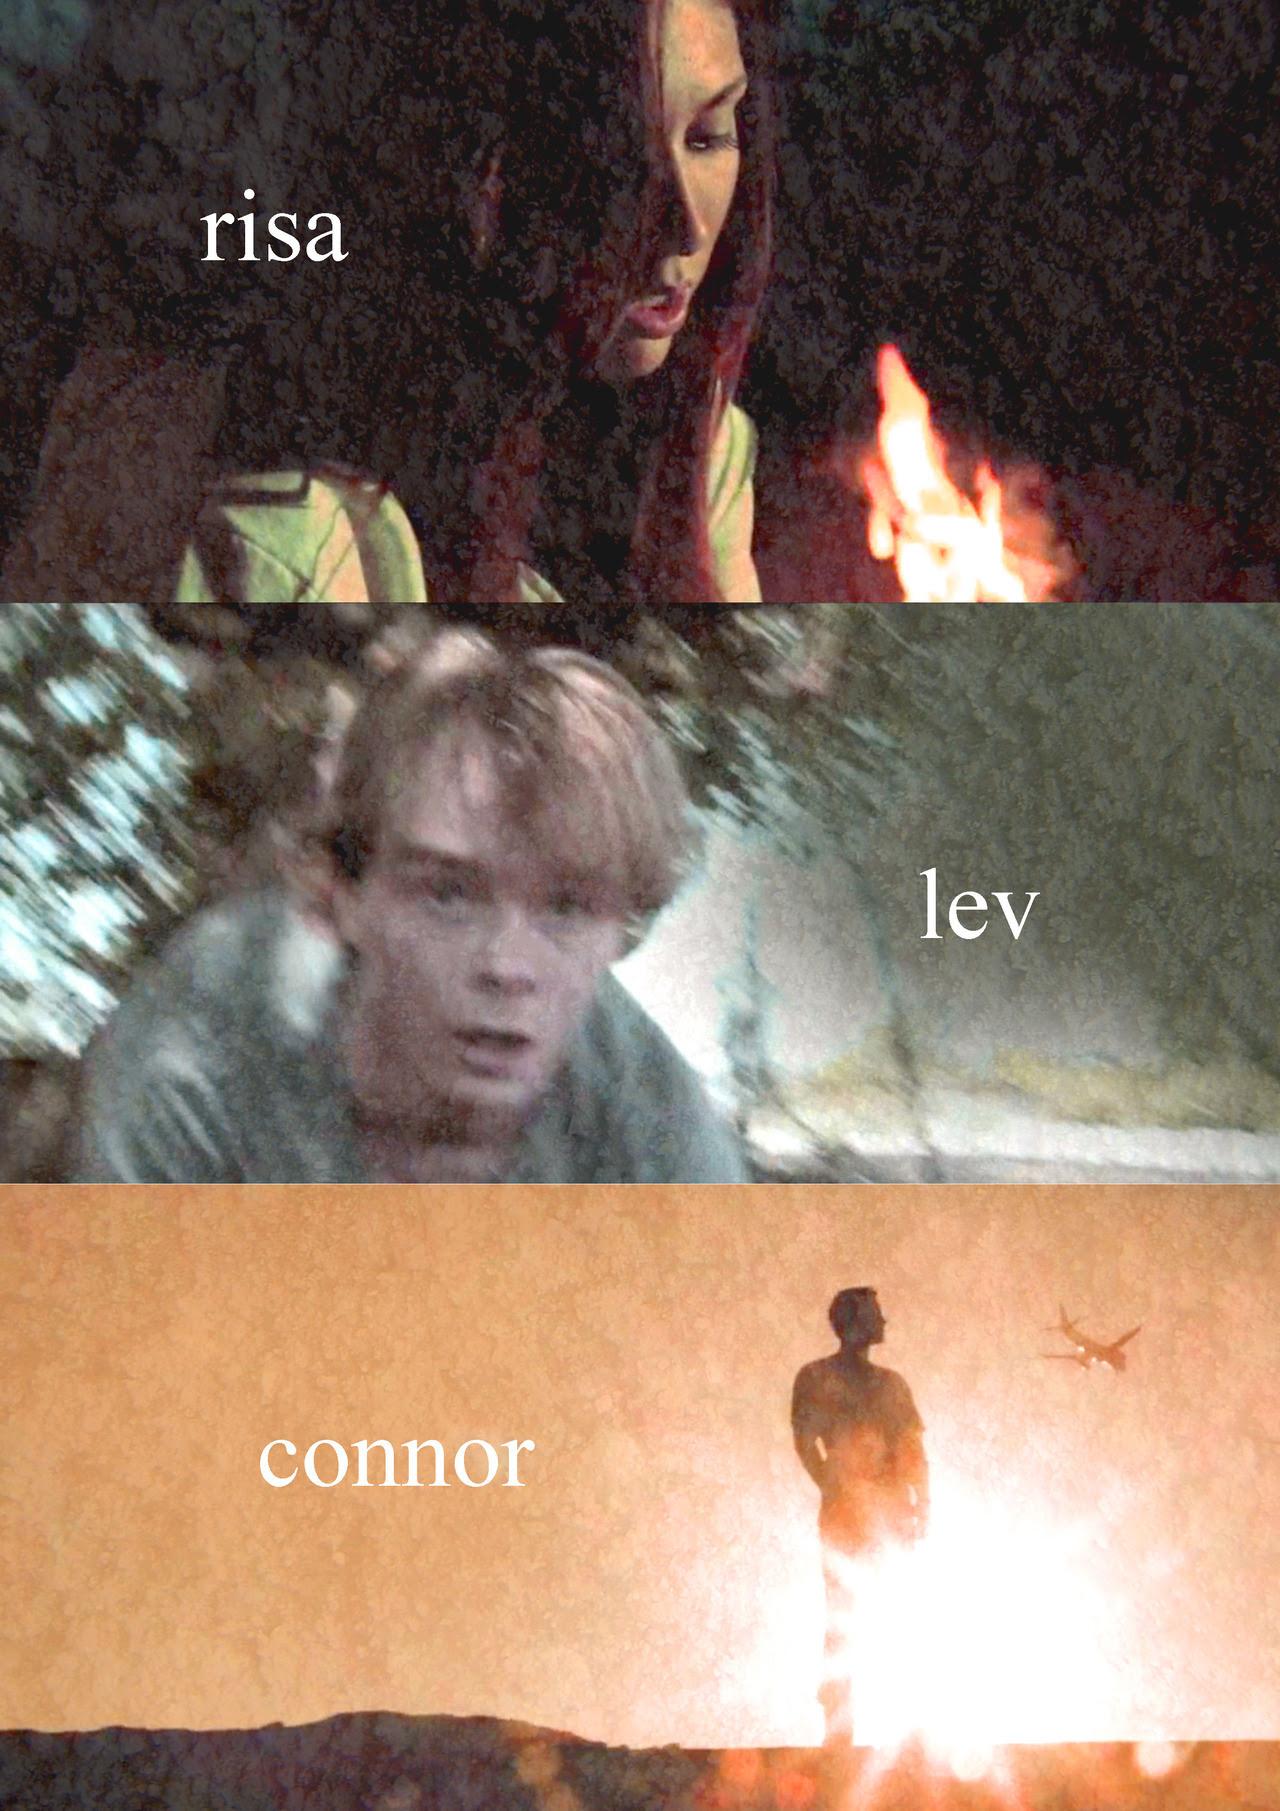 http://24.media.tumblr.com/tumblr_mcfrk1wGHh1rj4znpo1_1280.jpg